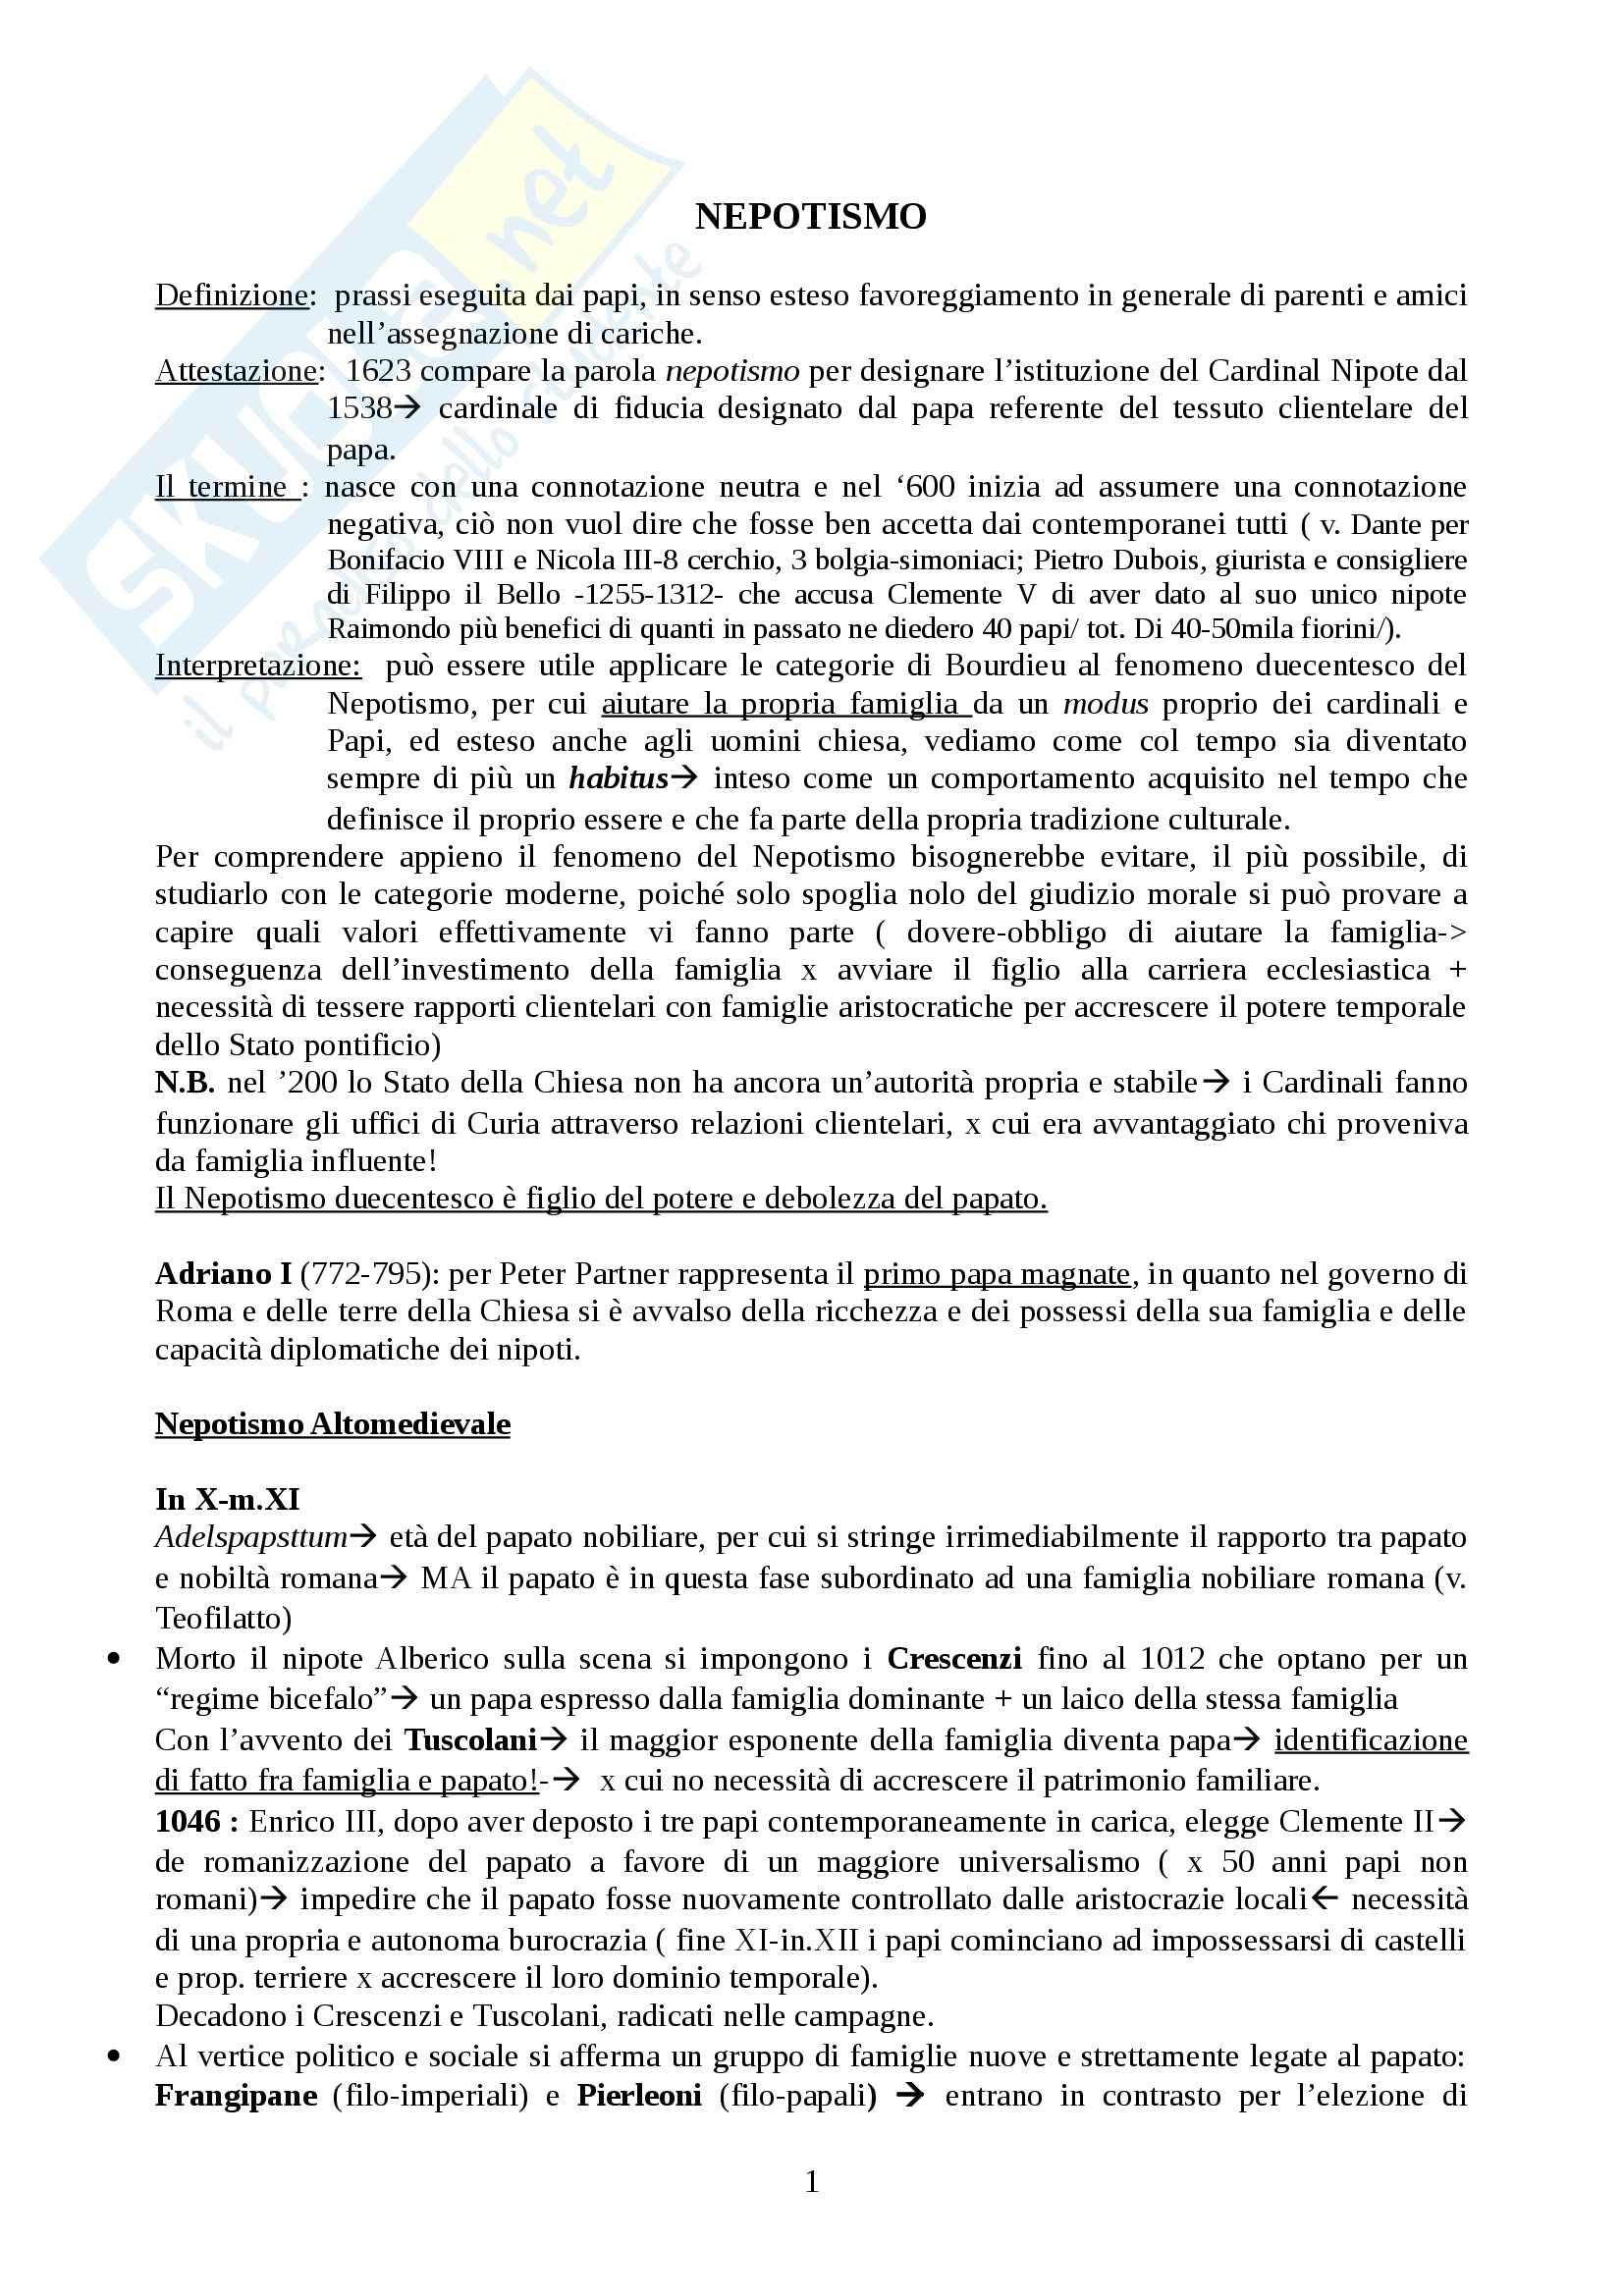 Riassunto esame Storia medievale, prof. Carocci, libro consigliato Il Nepotismo nel Medioevo, S. Carocci